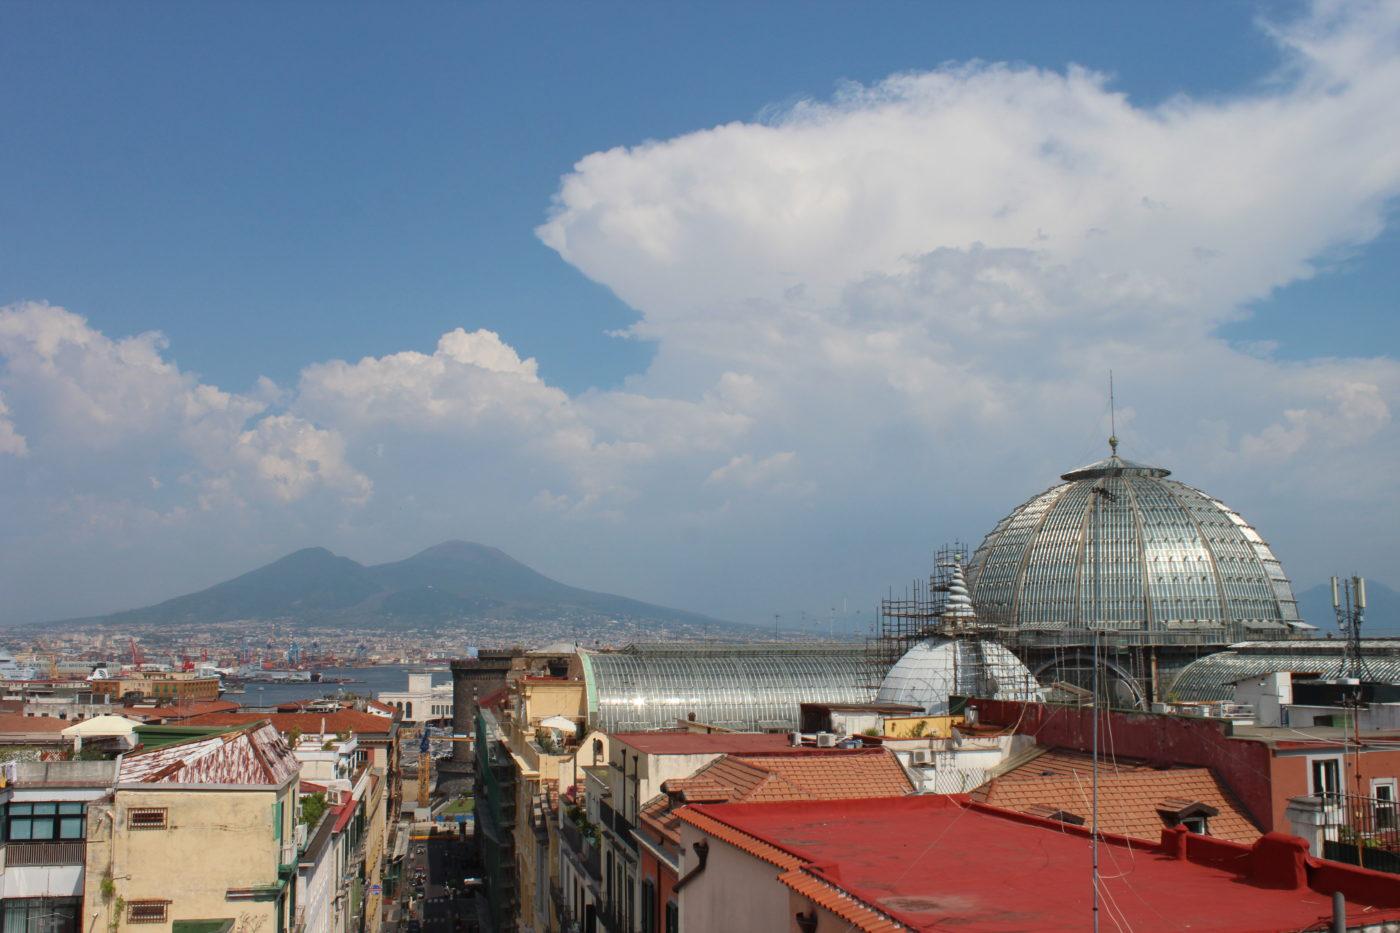 Vista di Napoli con Cupola Galleria Umbero I